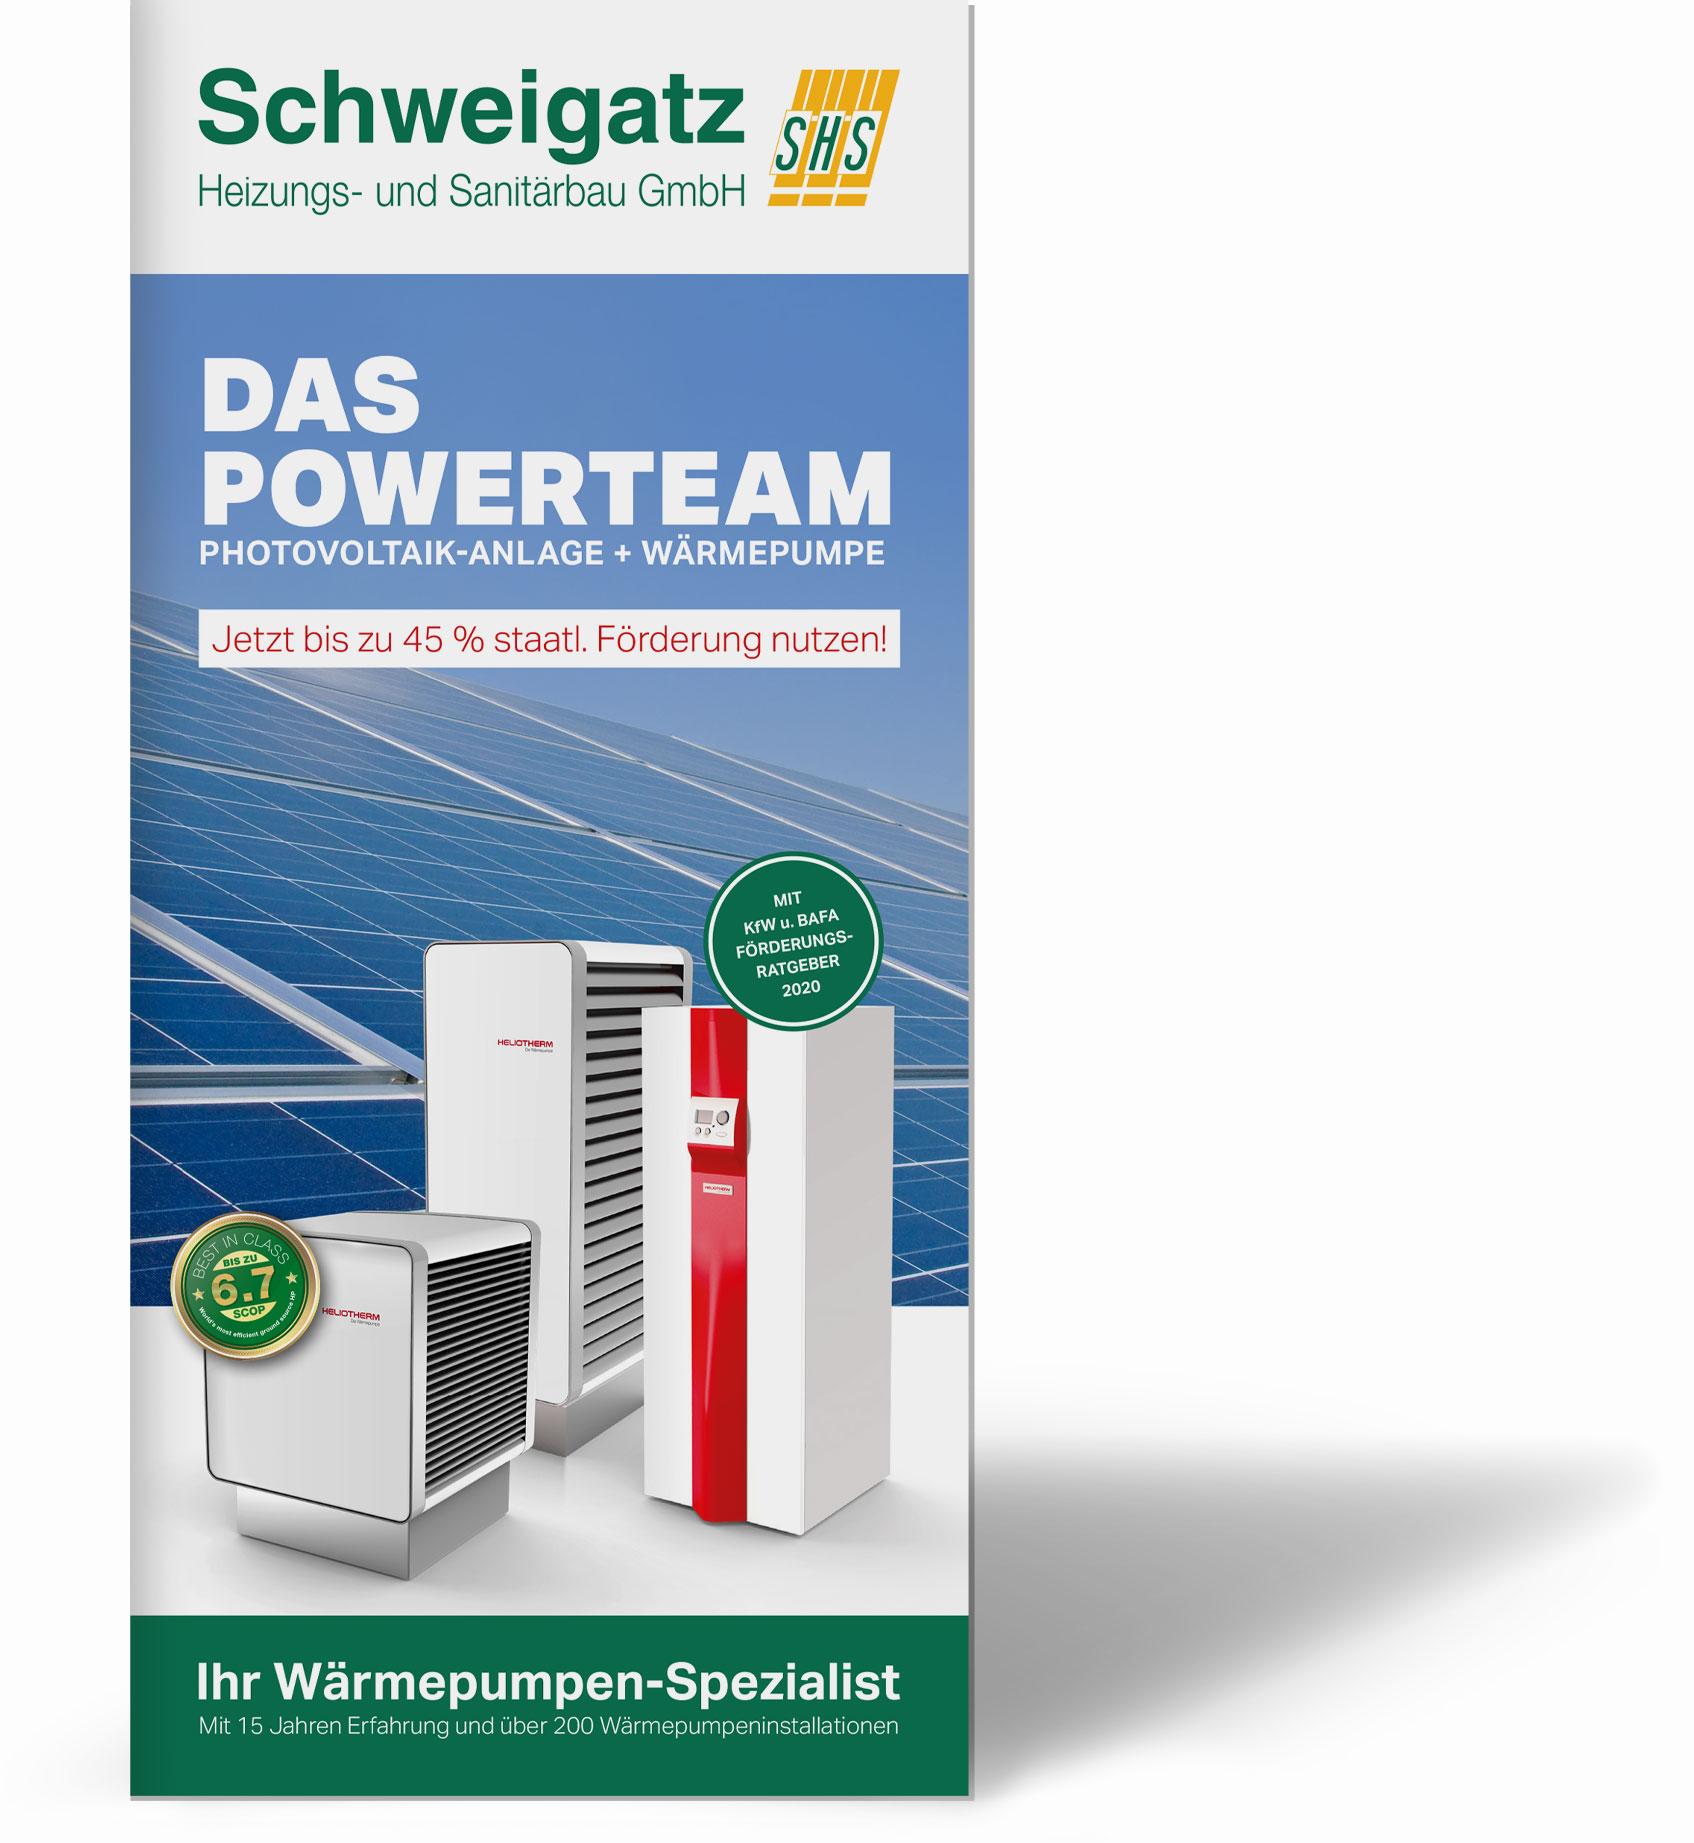 Download Schweigatz Das Powerteam Broschuere